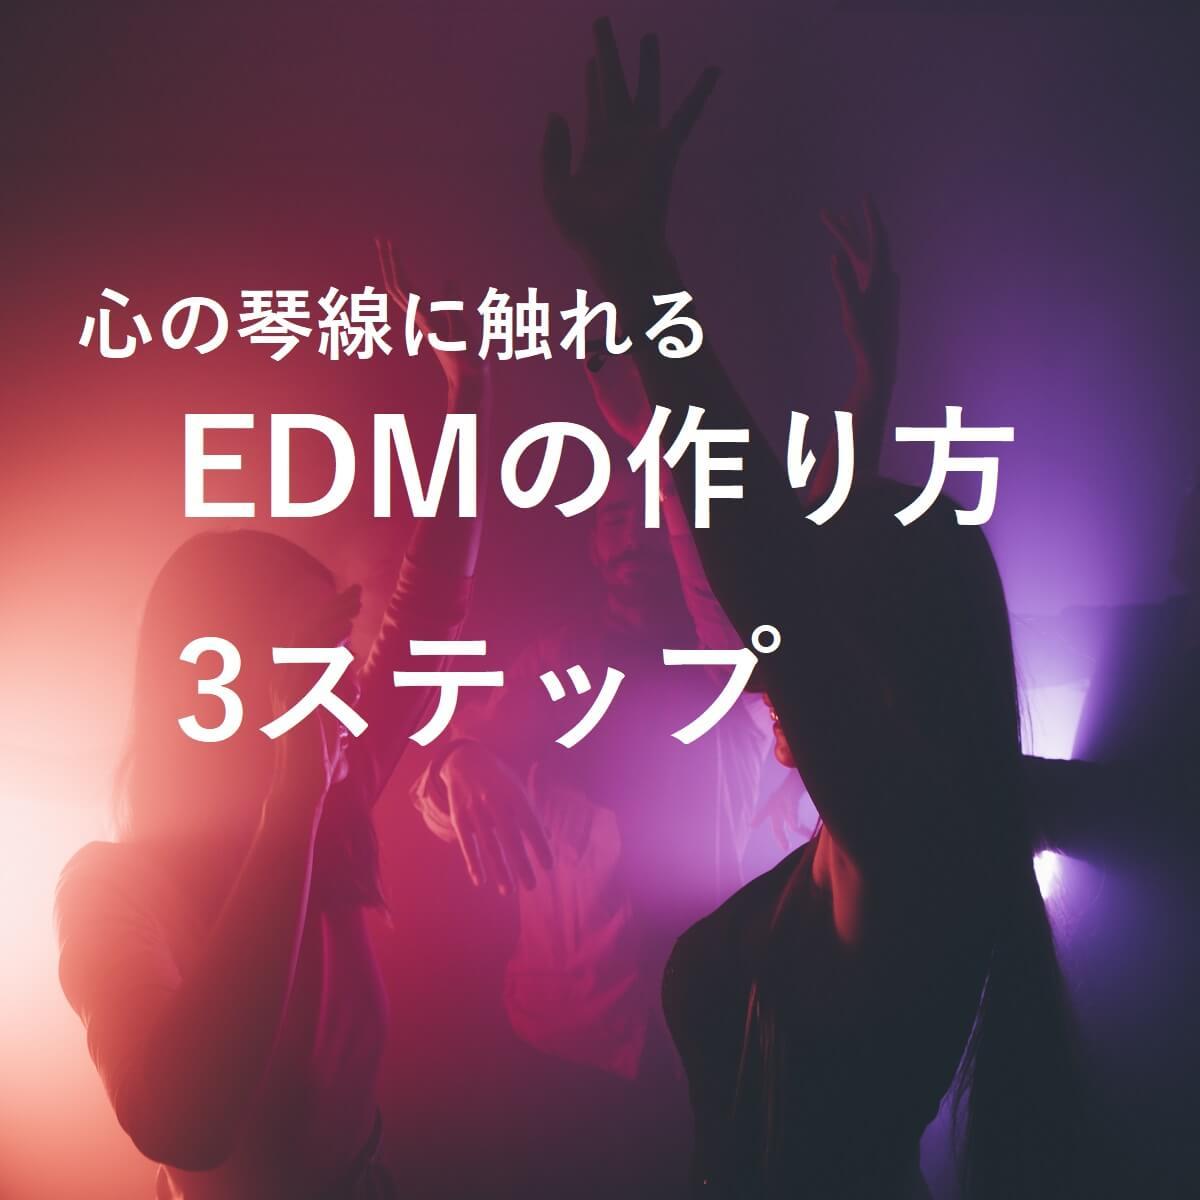 「心の琴線に触れる EDMの作り方 3ステップ」と書かれたサムネイル。